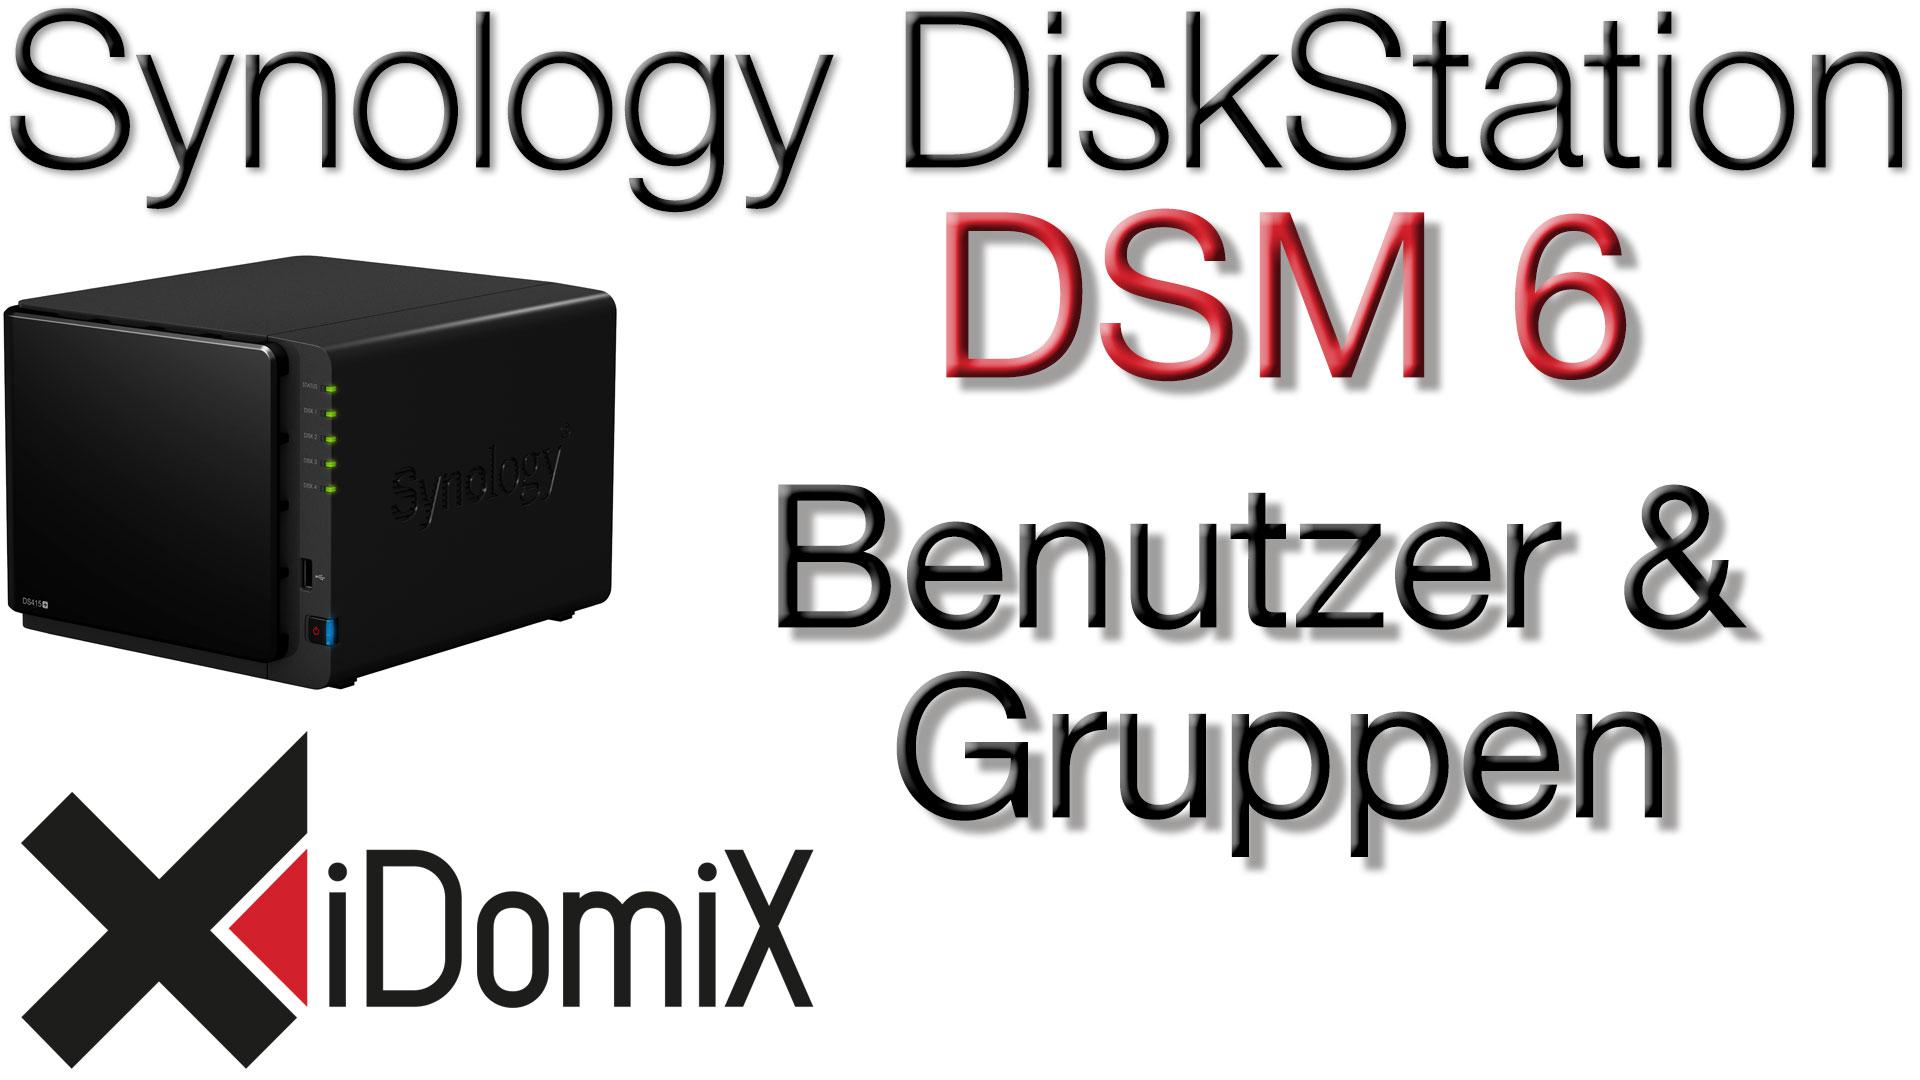 Synology DiskStation DSM 6 Benutzer und Gruppen einrichten